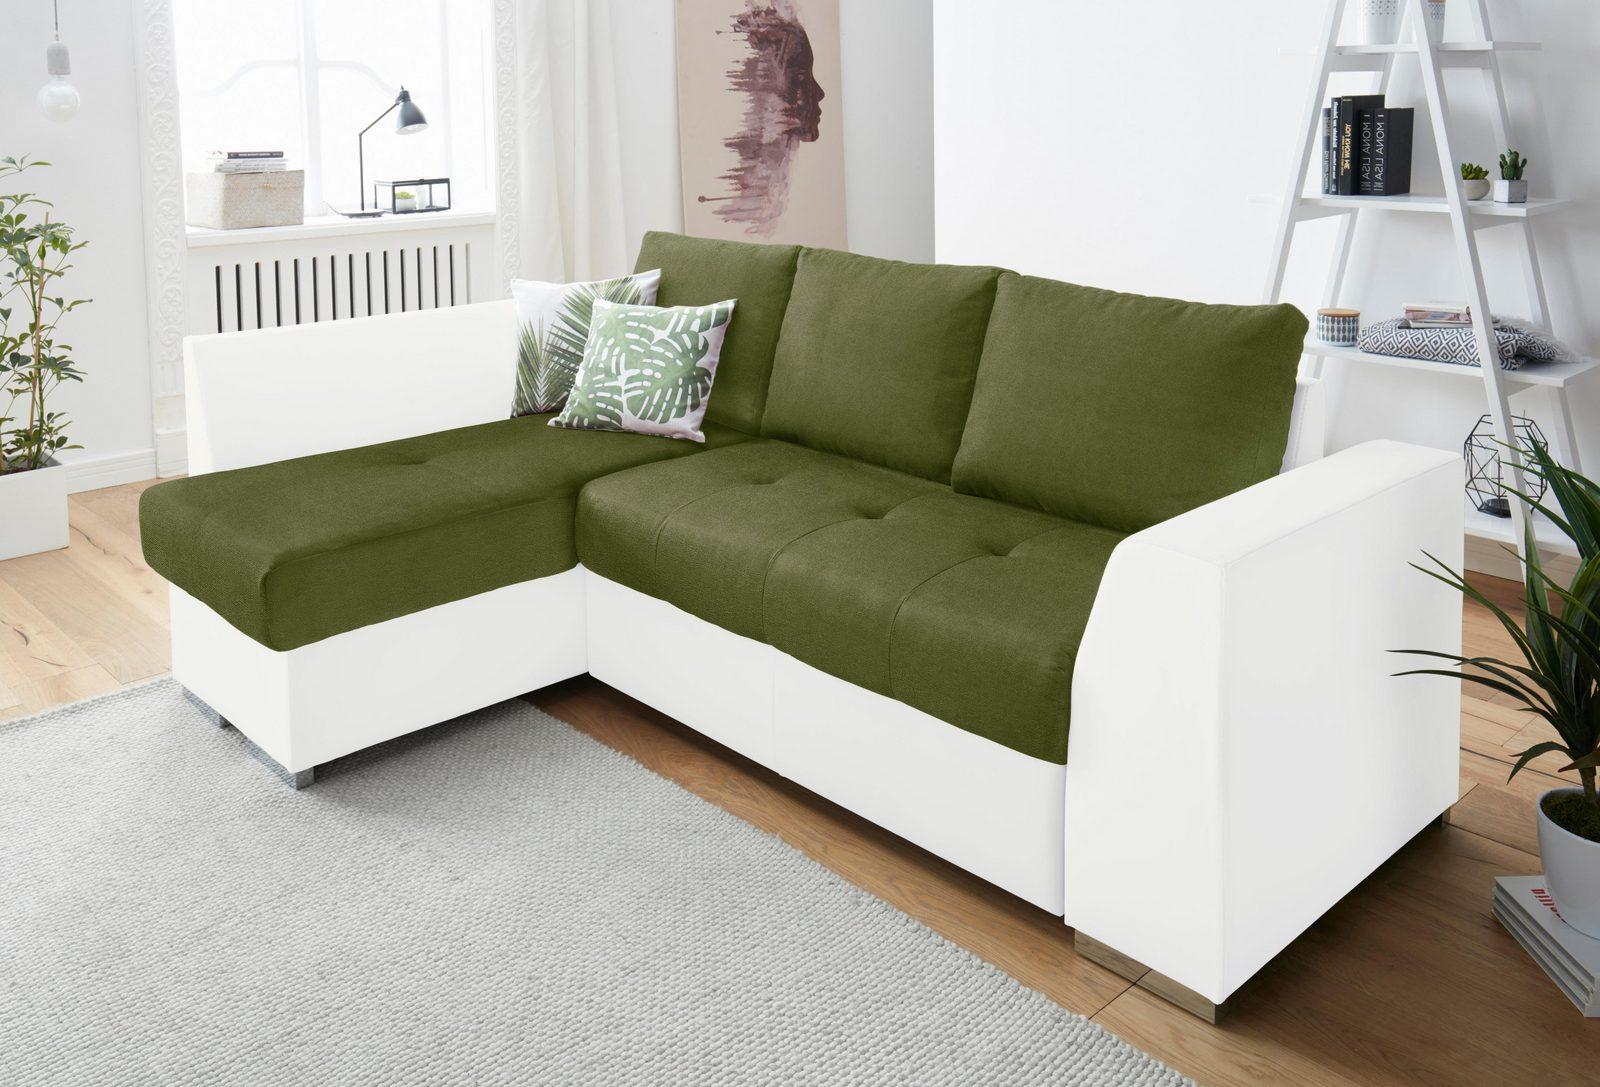 Cotta Polsterecke XL, wahlweise mit Bettfunktion und Bettkasten